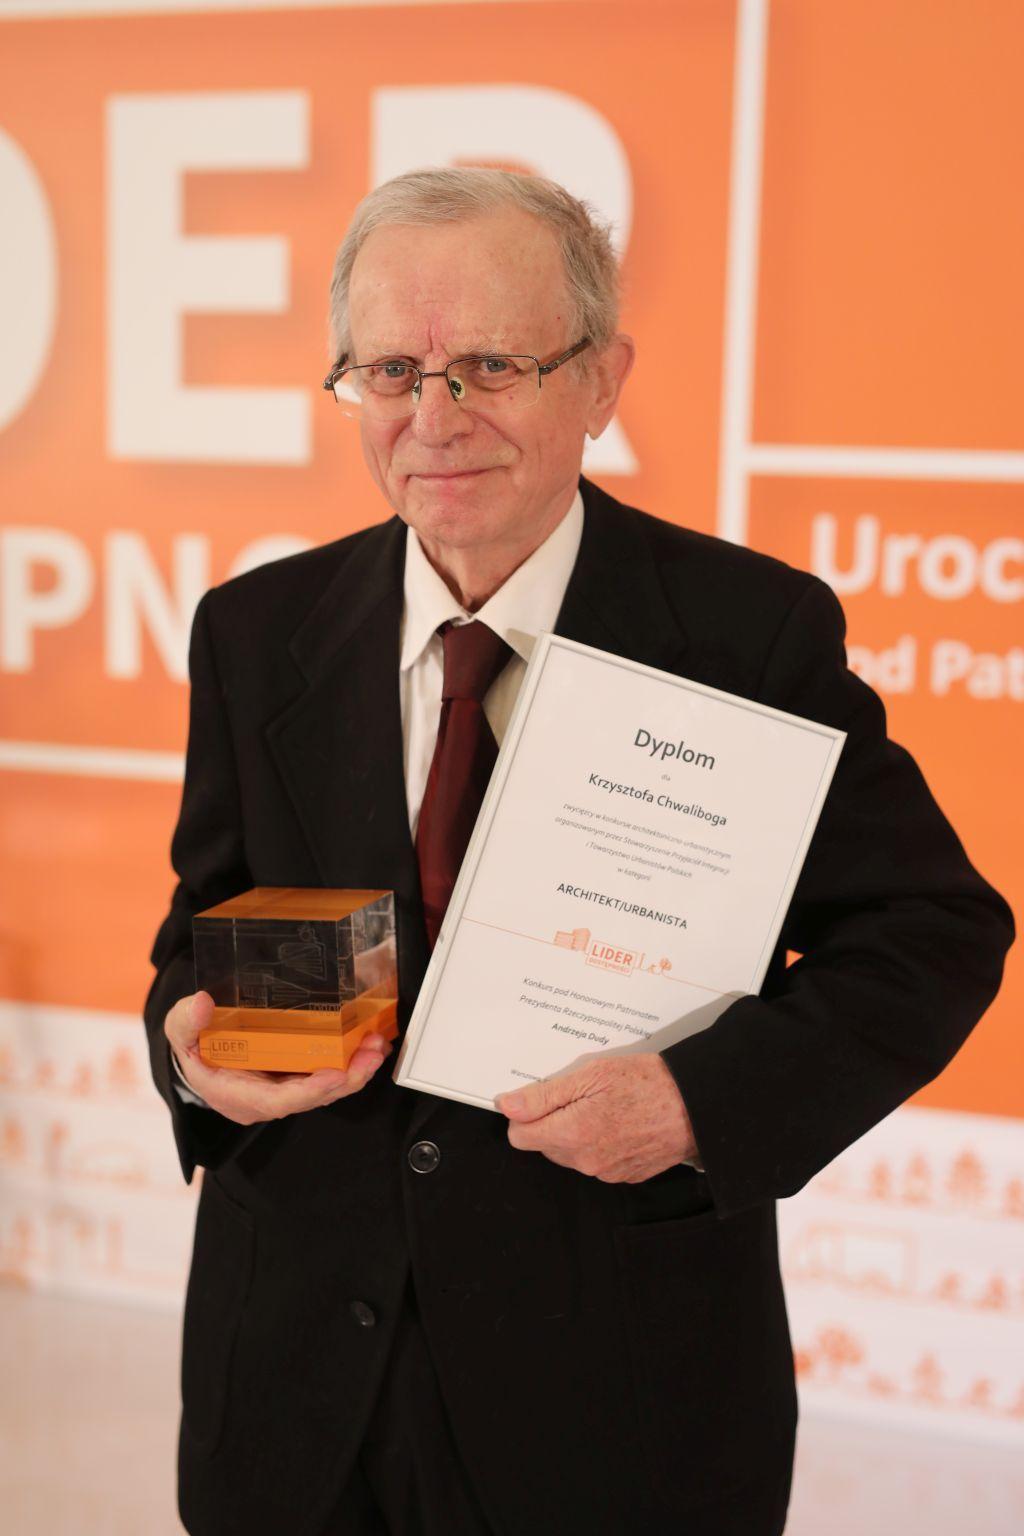 Lider Dostępności2021, Gala. Krzysztof Chwalibóg